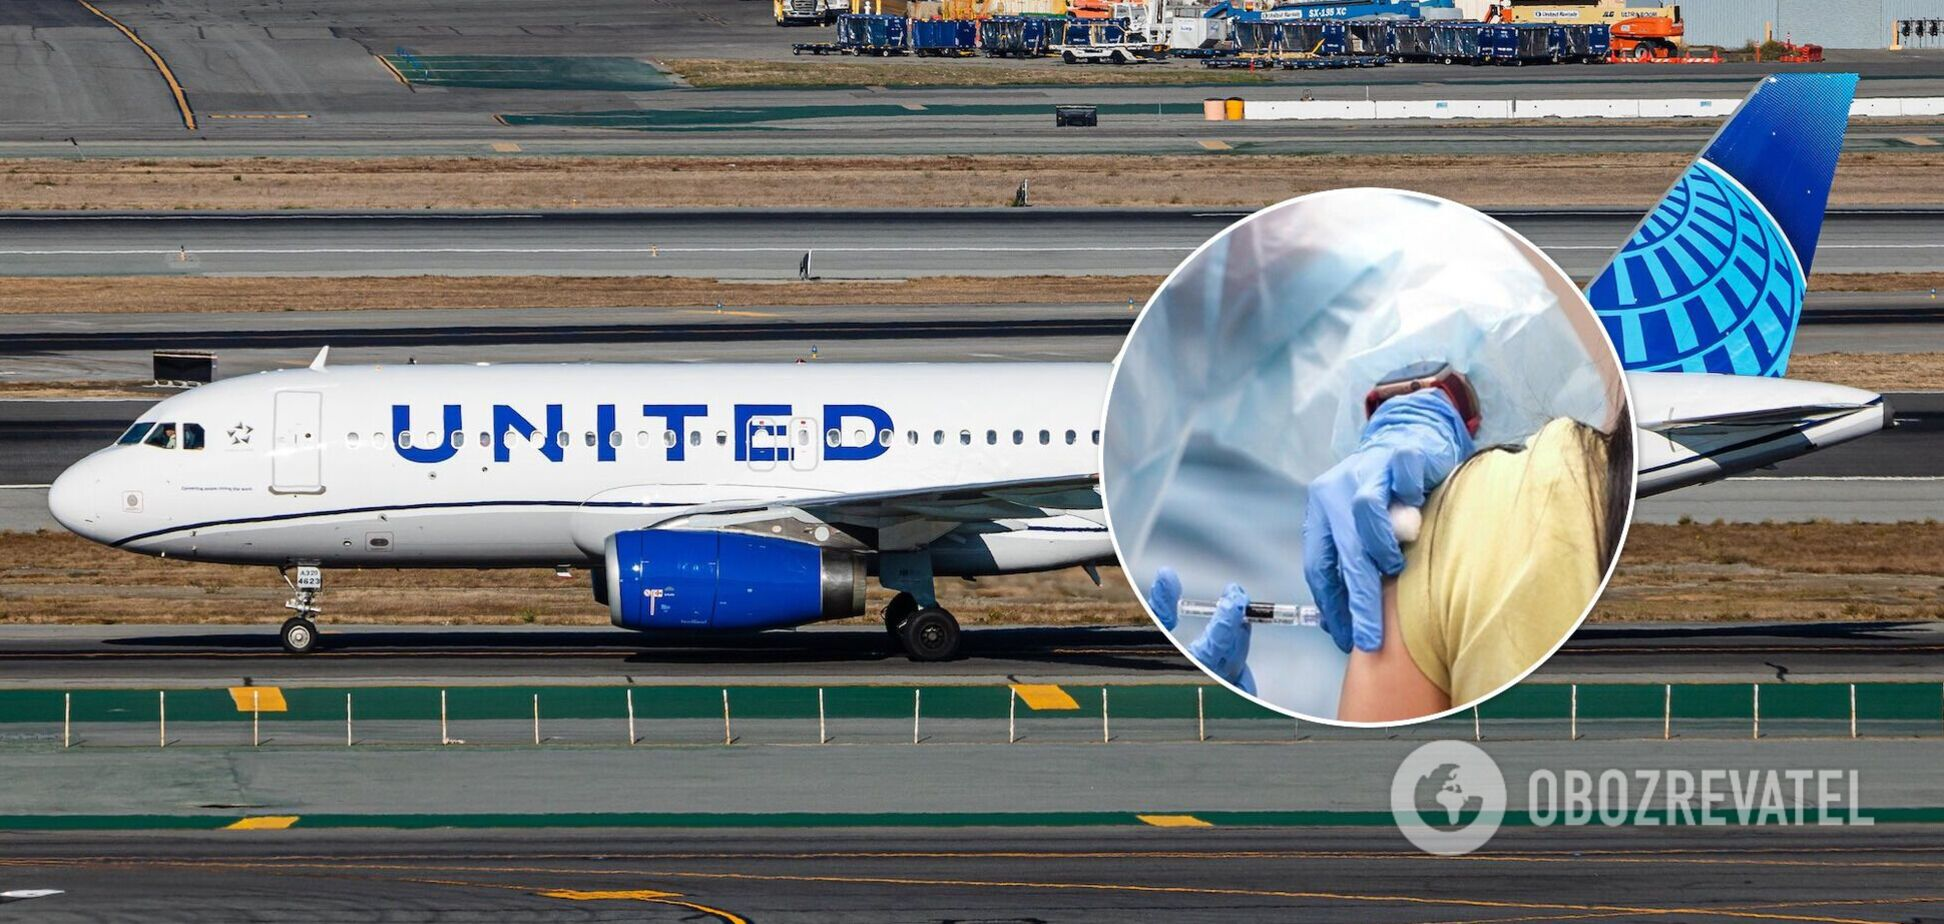 У США авіакомпанія звільнить майже 600 співробітників через відмову вакцинуватися